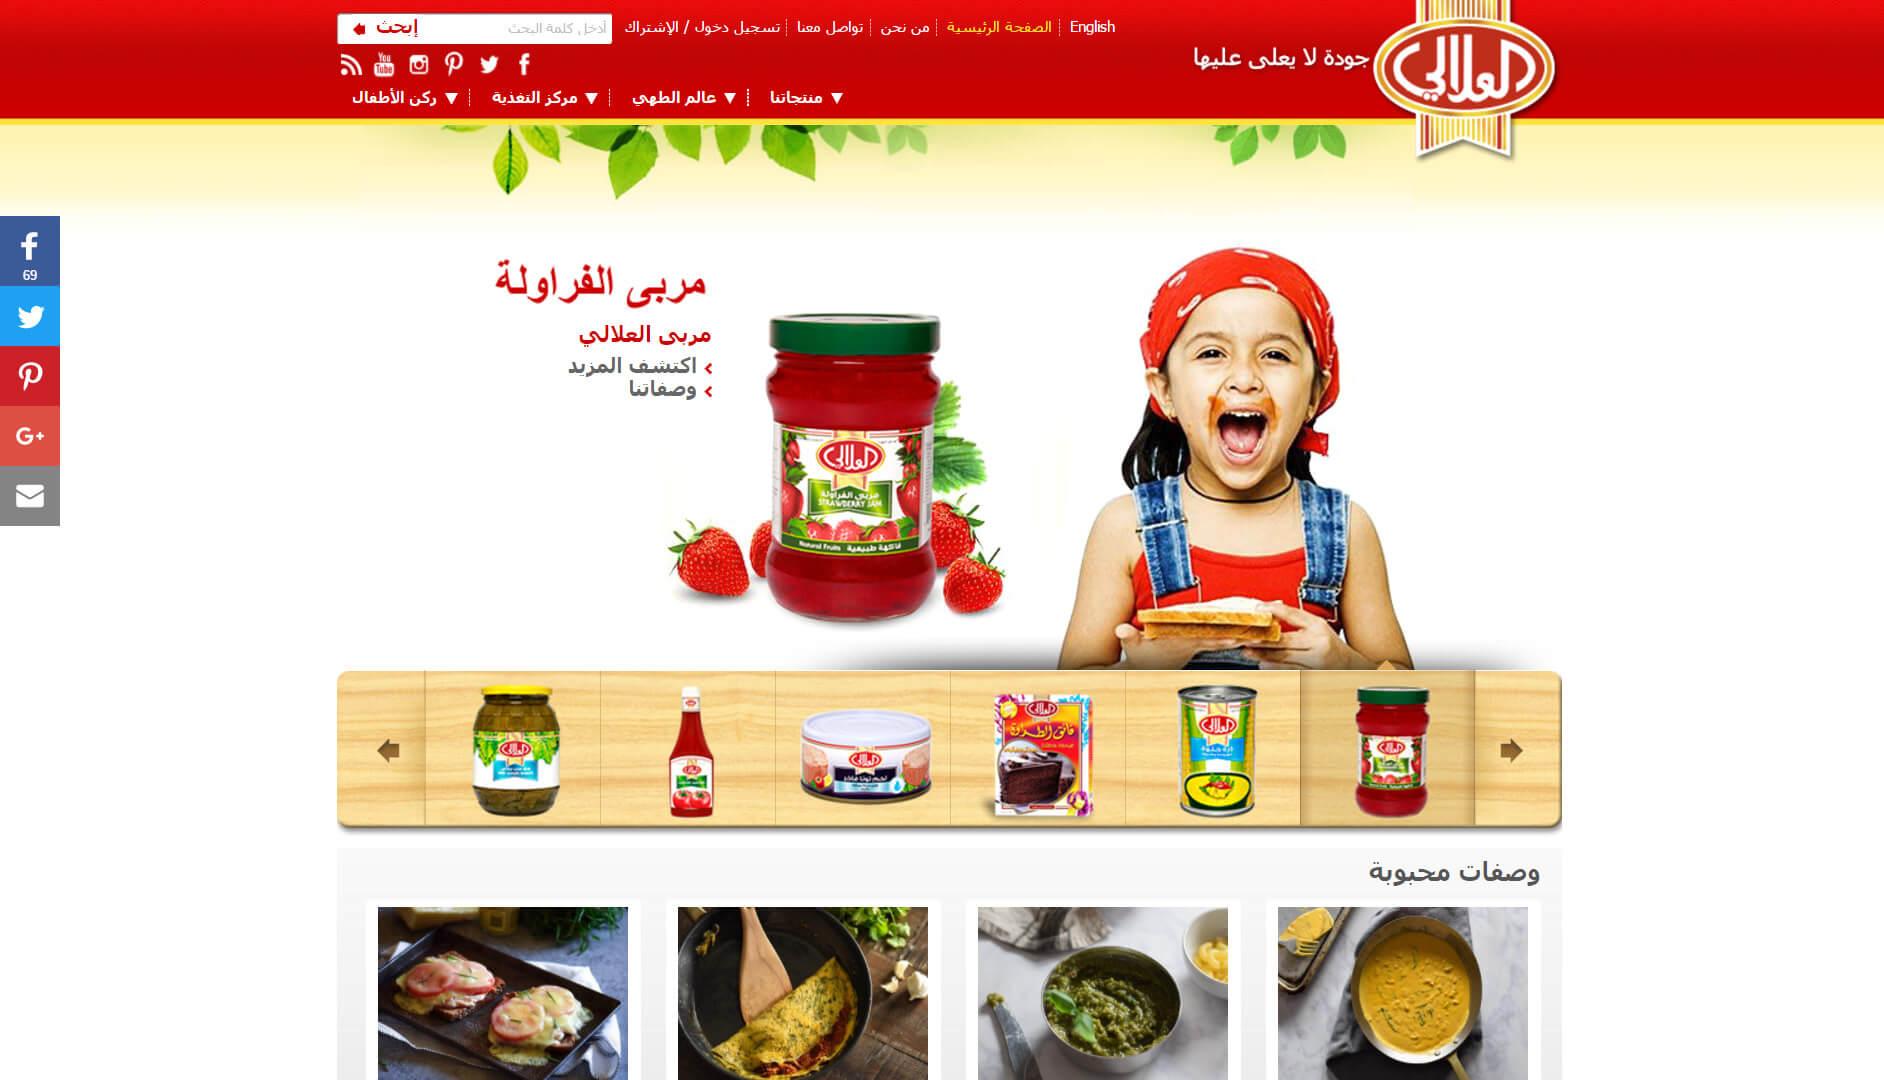 al alali homepage